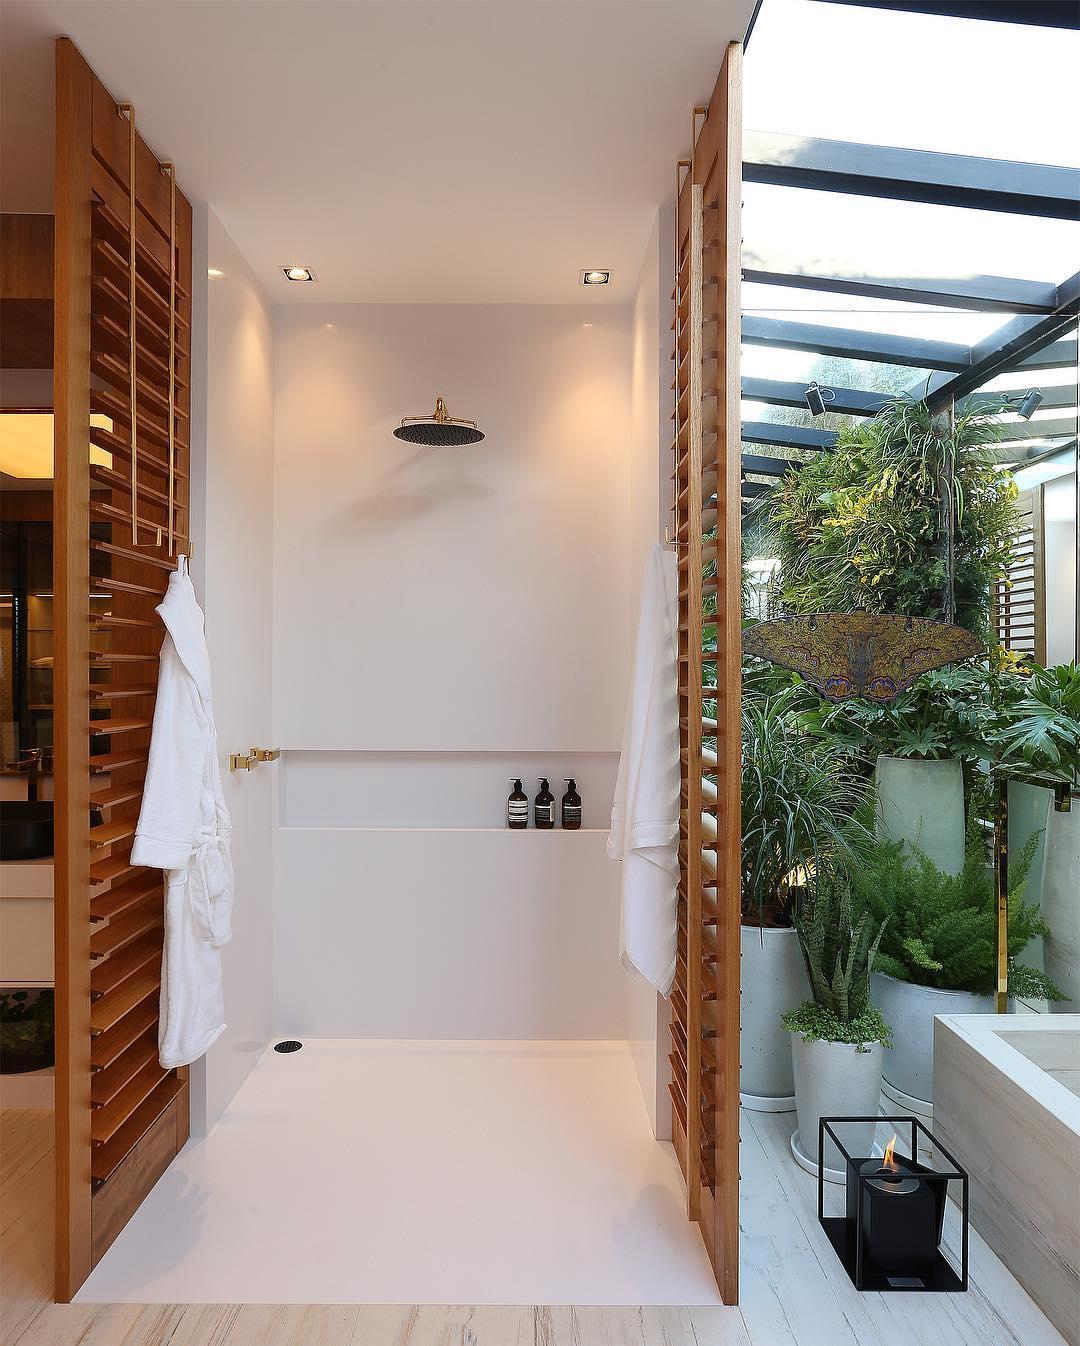 Banheiro moderno com ligação com a natureza.